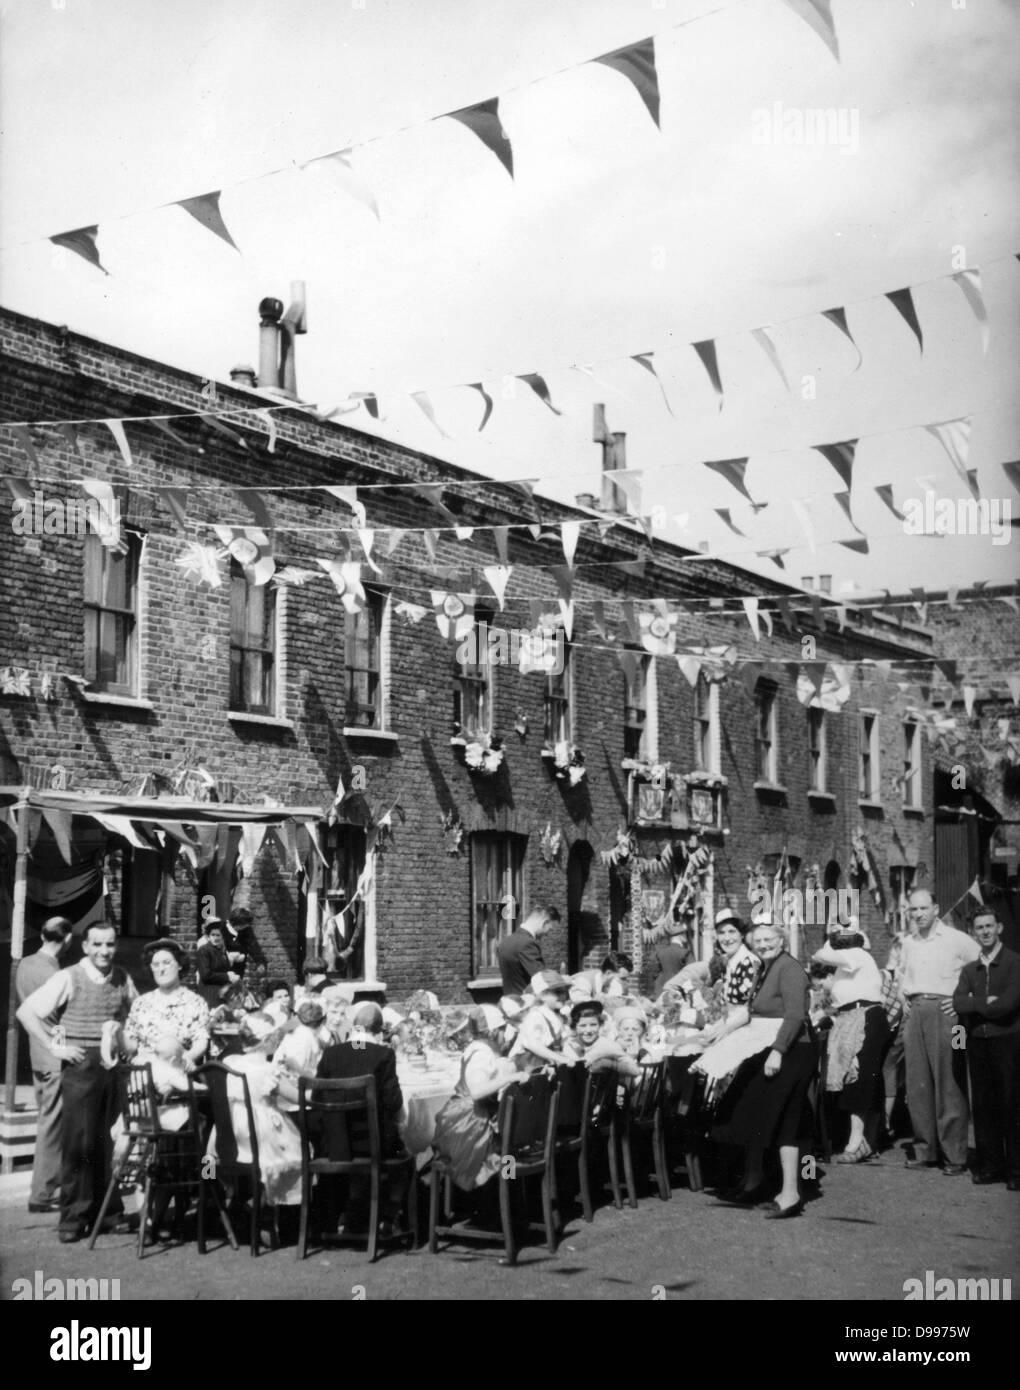 1953 Fiesta en la calle en Inglaterra para celebrar la coronación de la Reina Elizabeth II Imagen De Stock